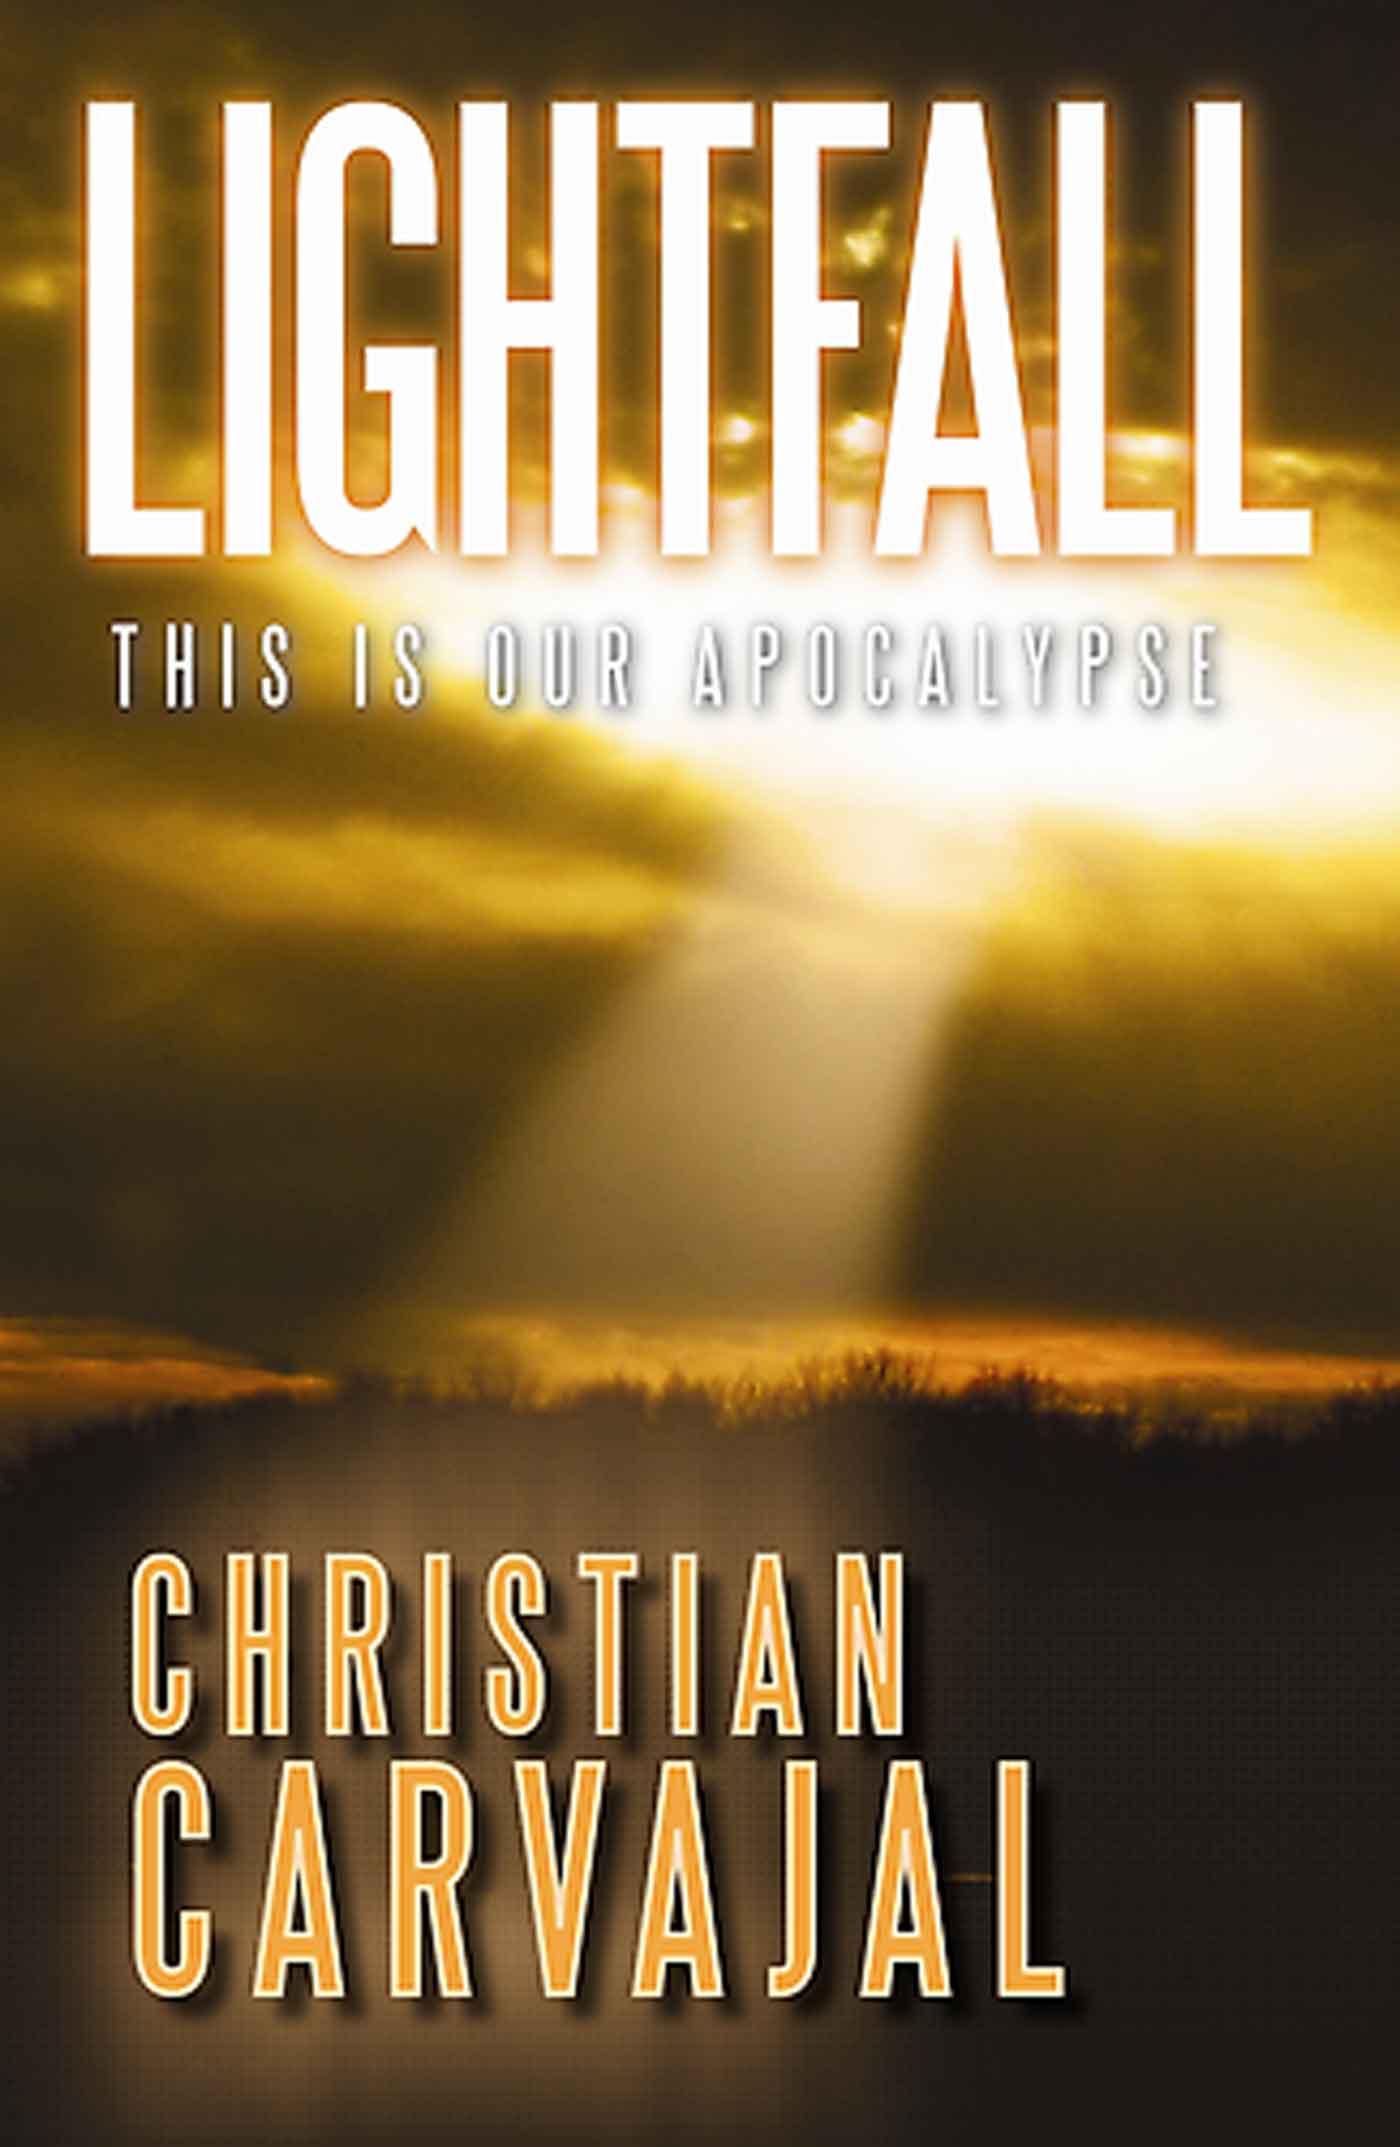 lightfallcover